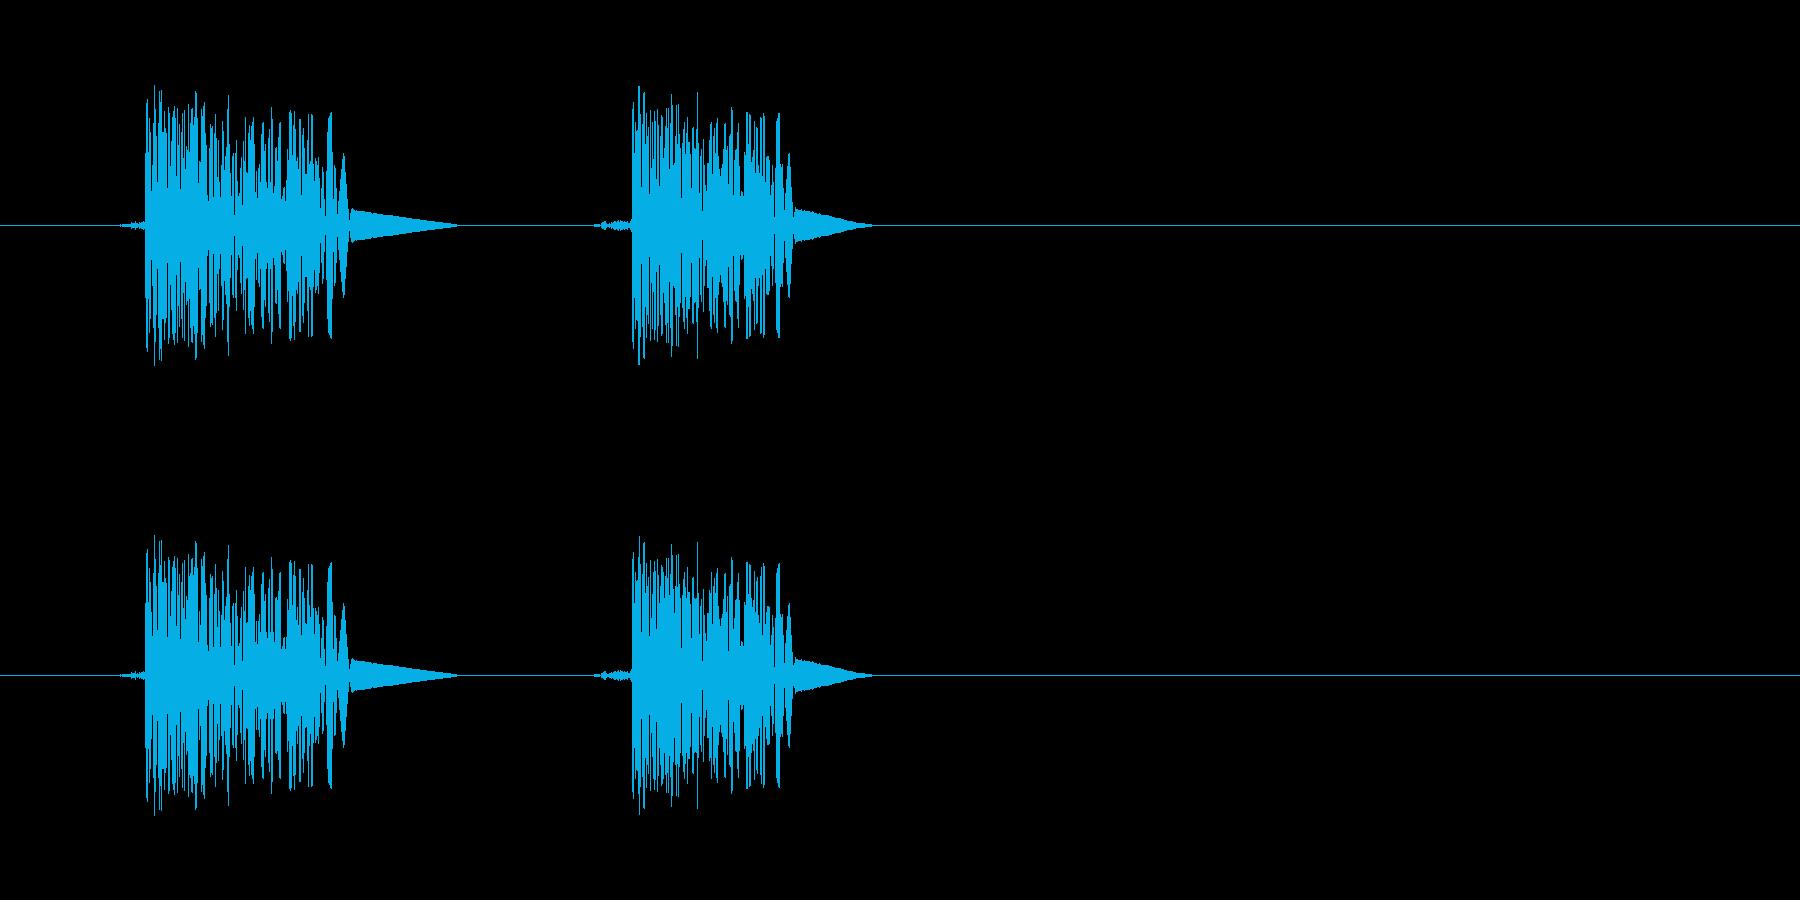 ファミコン系歩く音03 ループの再生済みの波形